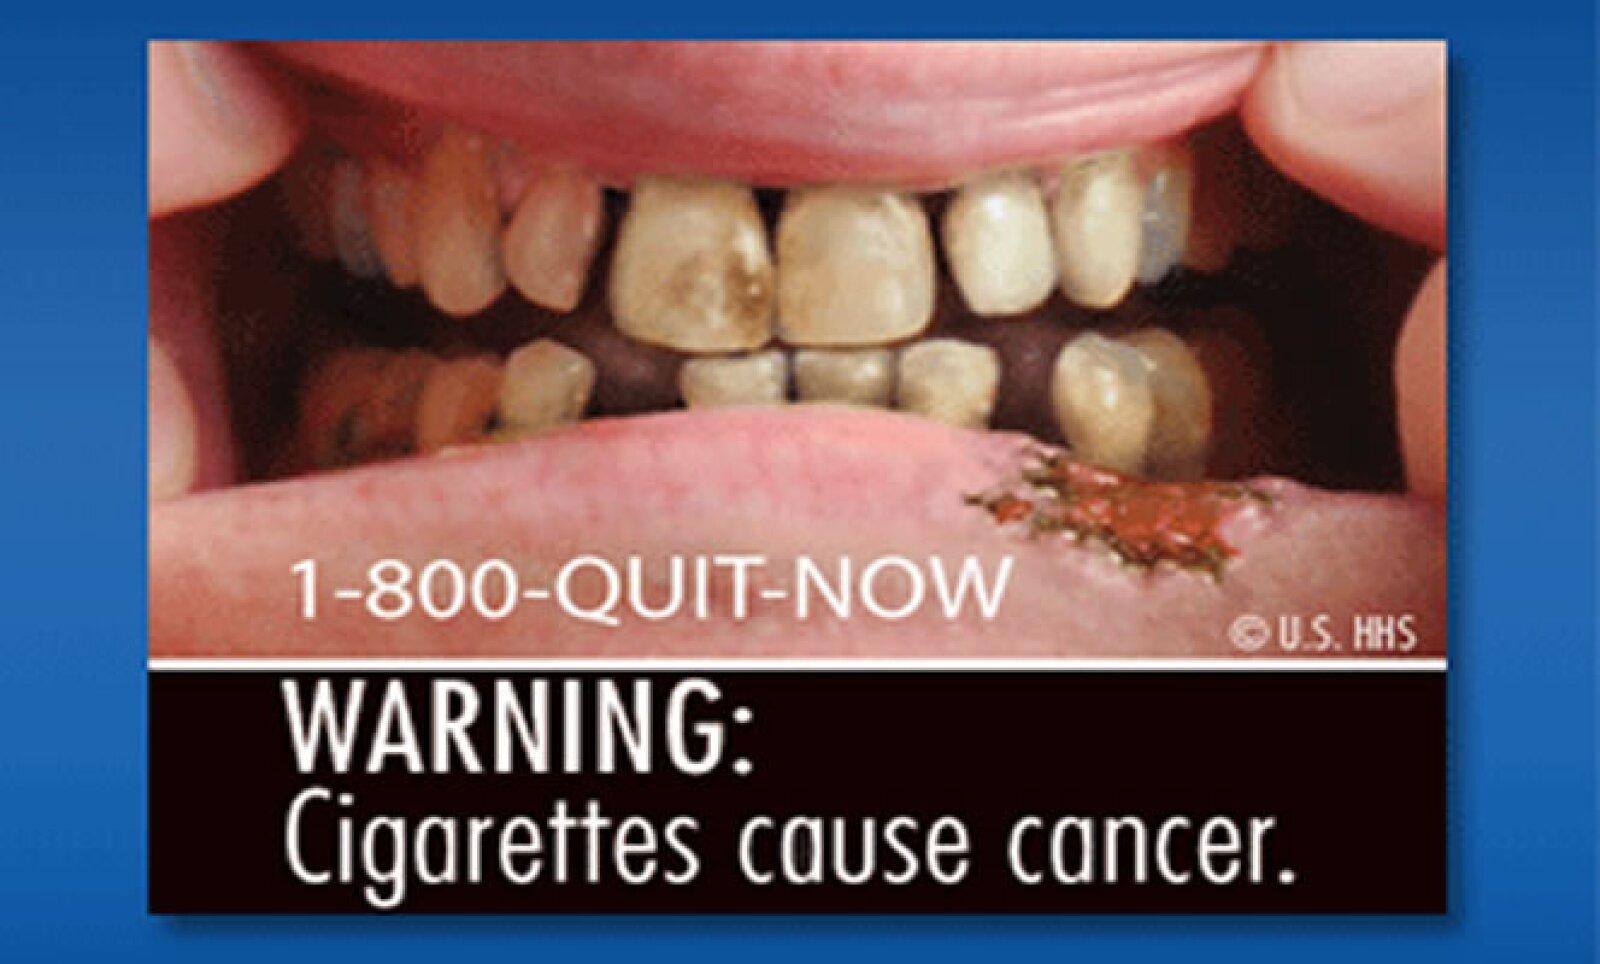 Entre las imágenes difundidas por la Administración de Alimentos y Medicinas de Estados Unidos (FDA, por sus siglas en inglés) hay dientes y encías putrefactas y un hombre con traqueotomía.